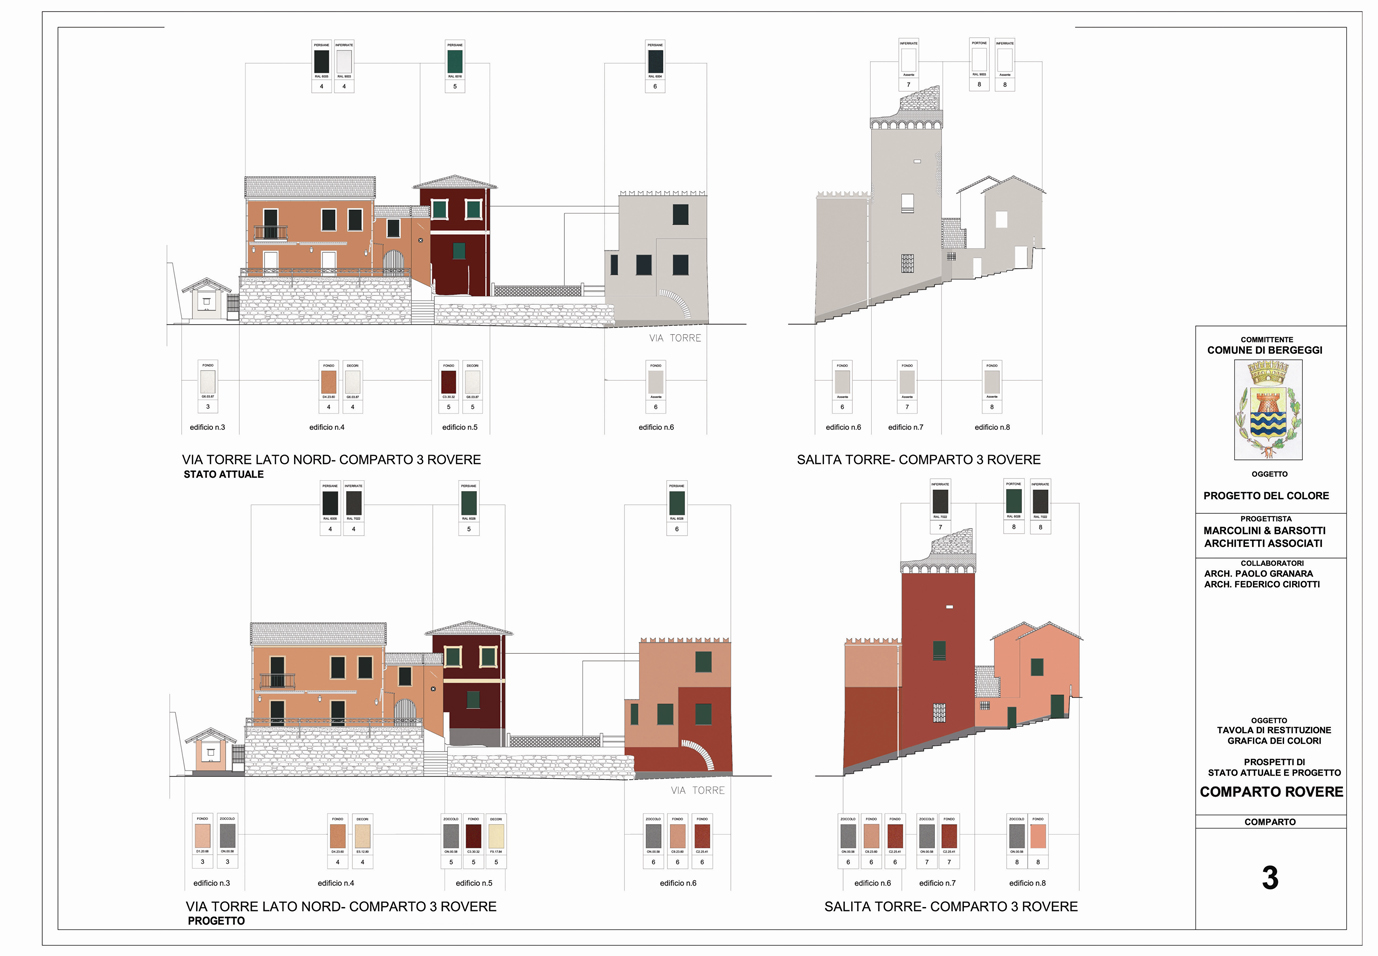 Studio di architettura marcolini e barsotti